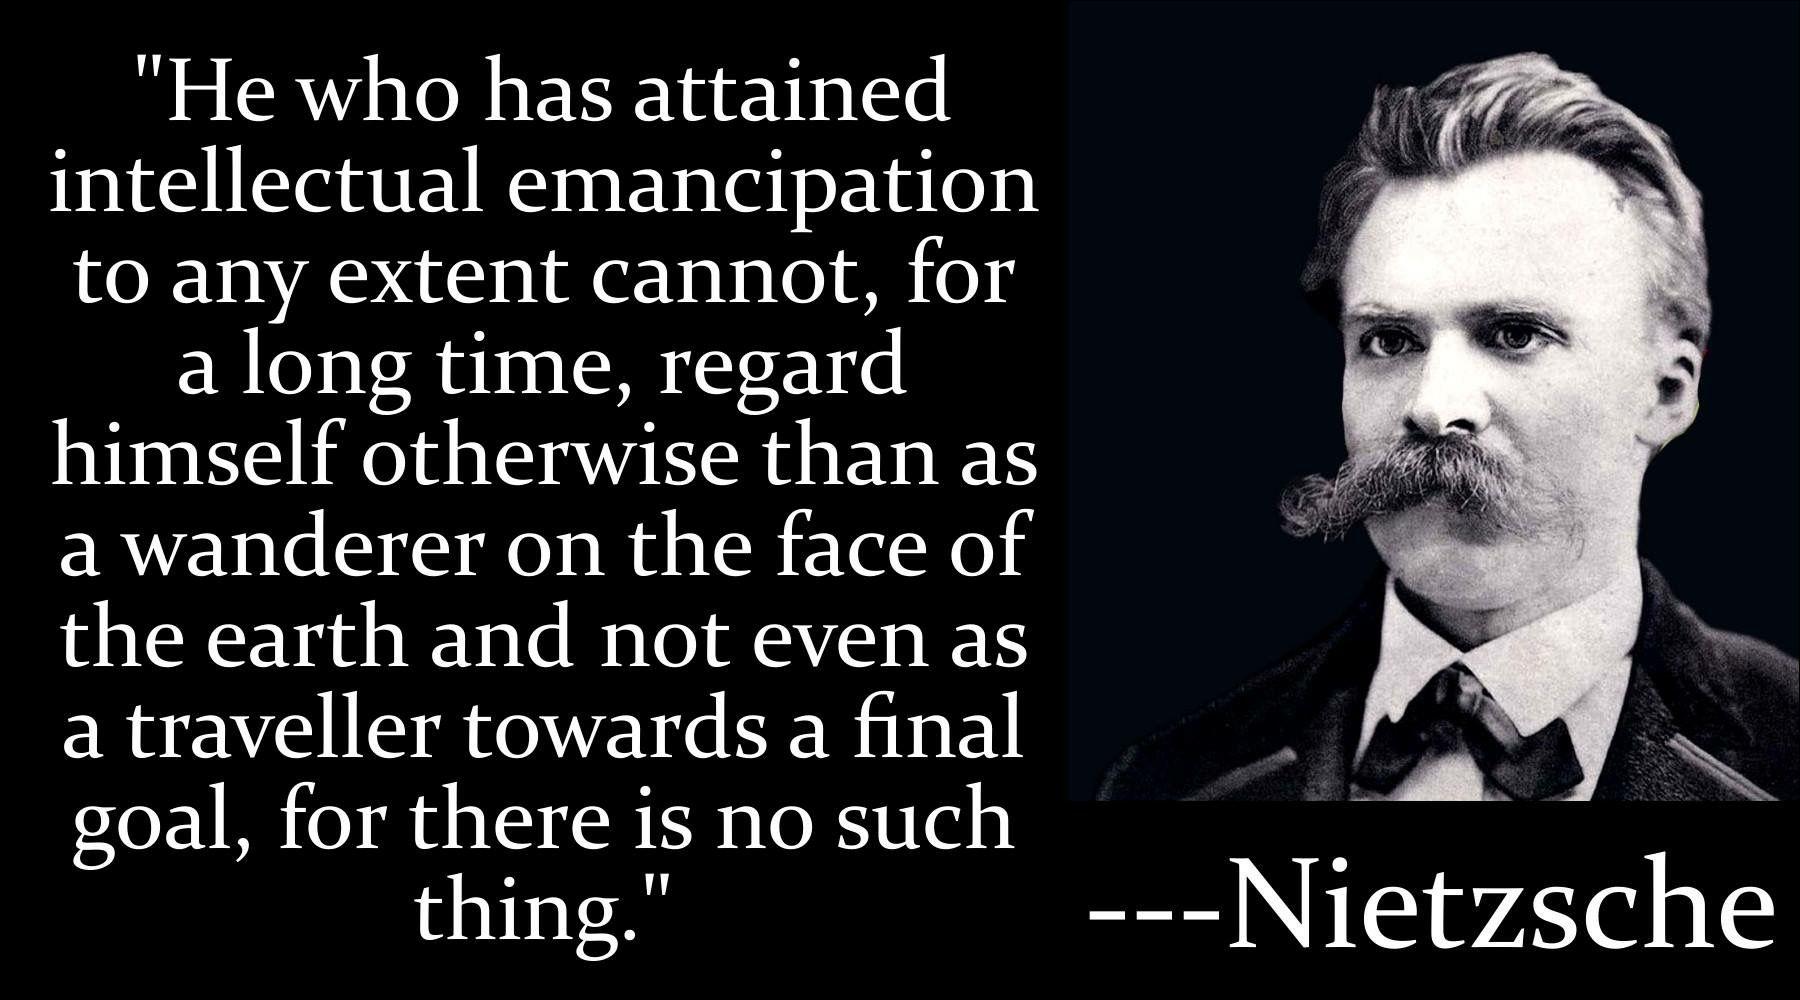 Nietzsche | Nietzsche quotes, Philosophy quotes ...